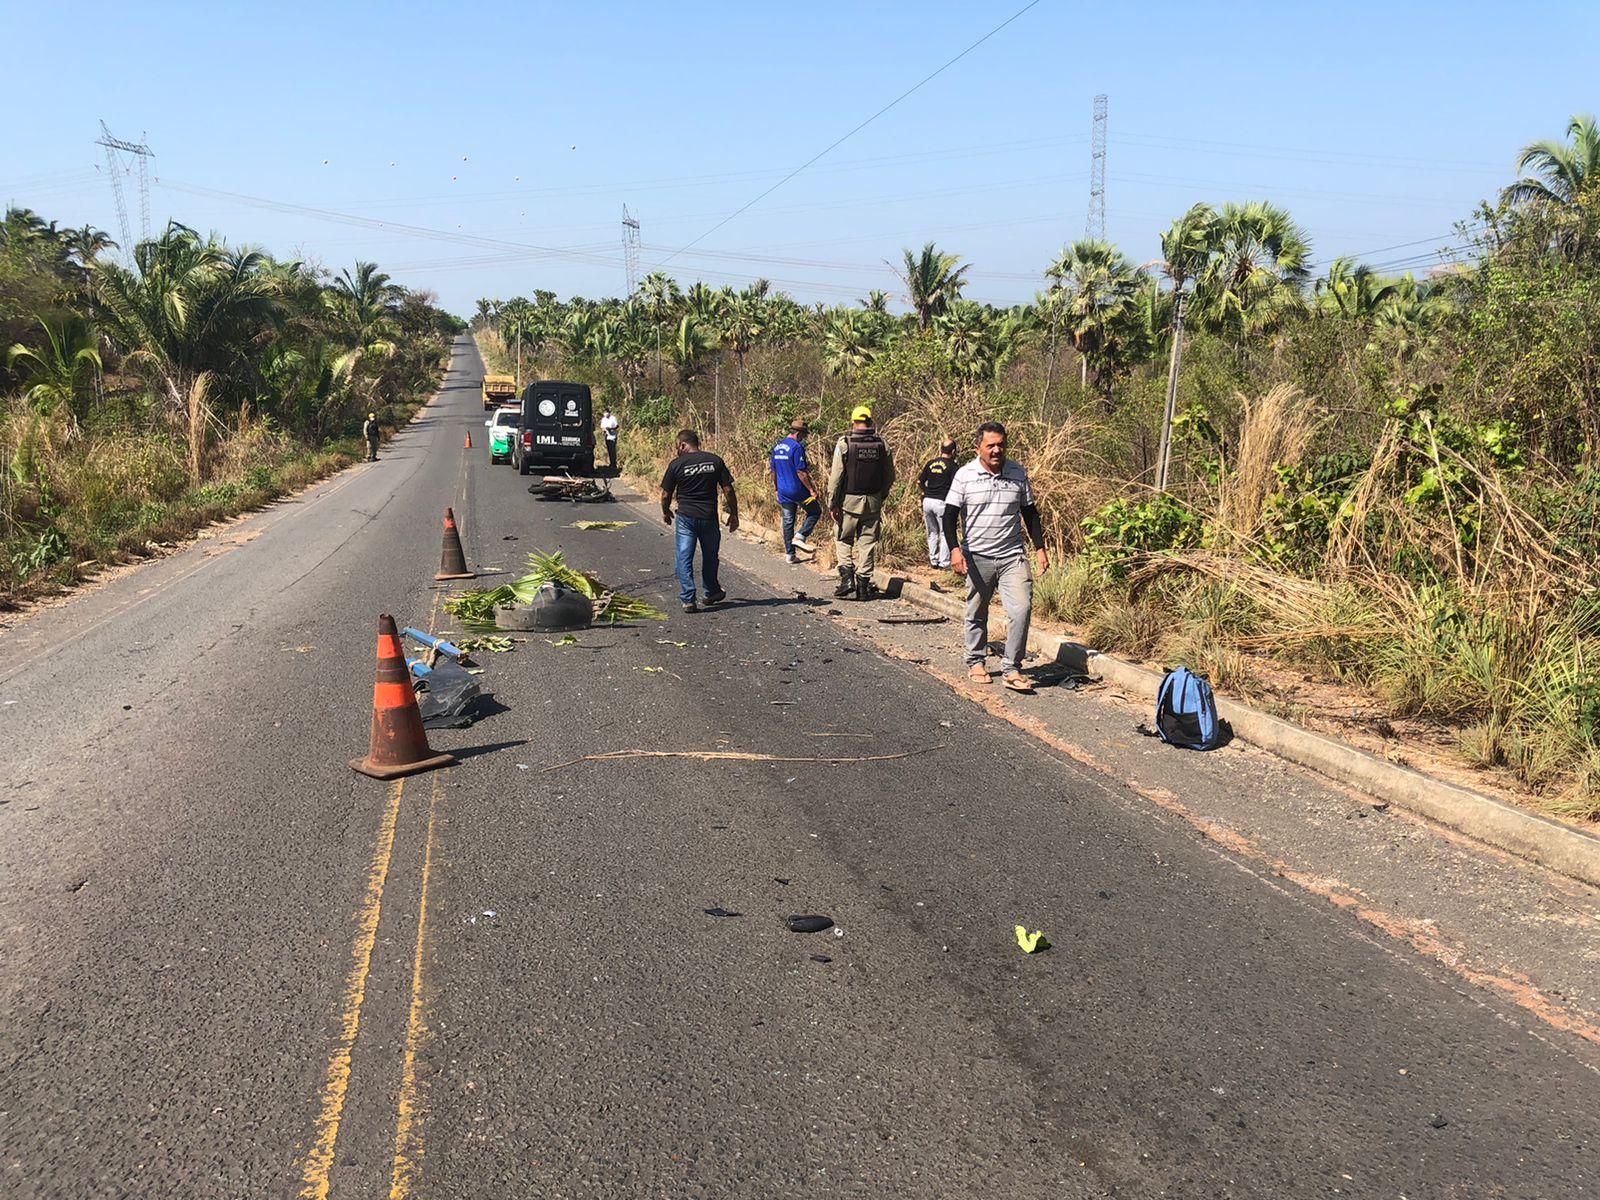 Motociclista morreu após colidir frontalmente contra carro na PI-130 - Fotos: Matheus Oliveira/ Portal MN